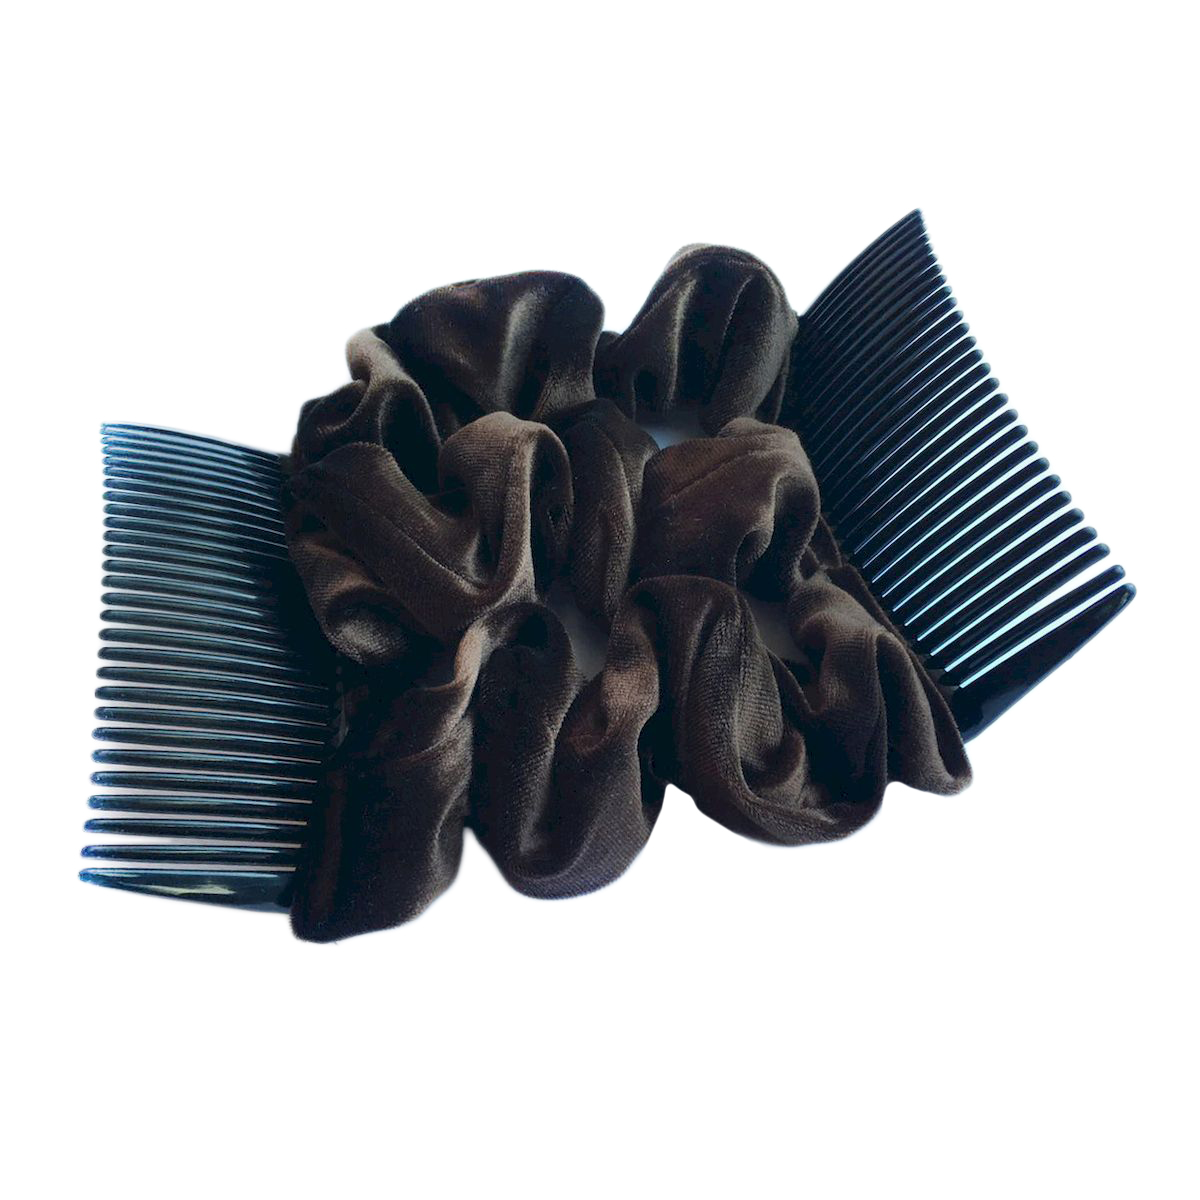 Montar Заколка Монтар, коричневая4809500109Удобная и практичная MONTAR напоминает Изи Коум.Подходит для любого типа волос: тонких, жестких, вьющихся или прямых, и не наносит им никакого вреда. Заколка не мешает движениям головы и не создает дискомфорта, когда вы отдыхаете или управляете автомобилем.Каждый гребень имеет по 20 зубьев для надежной фиксации заколки на волосах! И даже во время бега и интенсивных тренировок в спортзале Изи Коум не падает; она прочно фиксирует прическу, сохраняя укладку в первозданном виде.Небольшая и легкая заколка поместится в любой дамской сумочке, позволяя быстро и без особых усилий создавать неповторимые прически там, где вам это удобно. Гребень прекрасно сочетается с любой одеждой: будь это классический или спортивный стиль, завершая гармоничный облик современной леди. И неважно, какой образ жизни вы ведете, если у вас есть MONTAR, вы всегда будете выглядеть потрясающе.Применение:1) Вставьте один из гребней под прическу вогнутой стороной к поверхности головы.2) Поместите пальцы рук в заколку, чтобы придержать волосы, и закрепите первый гребень.3) Второй гребень оберните поверх прически и вставьте с другой стороны вогнутой поверхностью к голове и закрепите его.